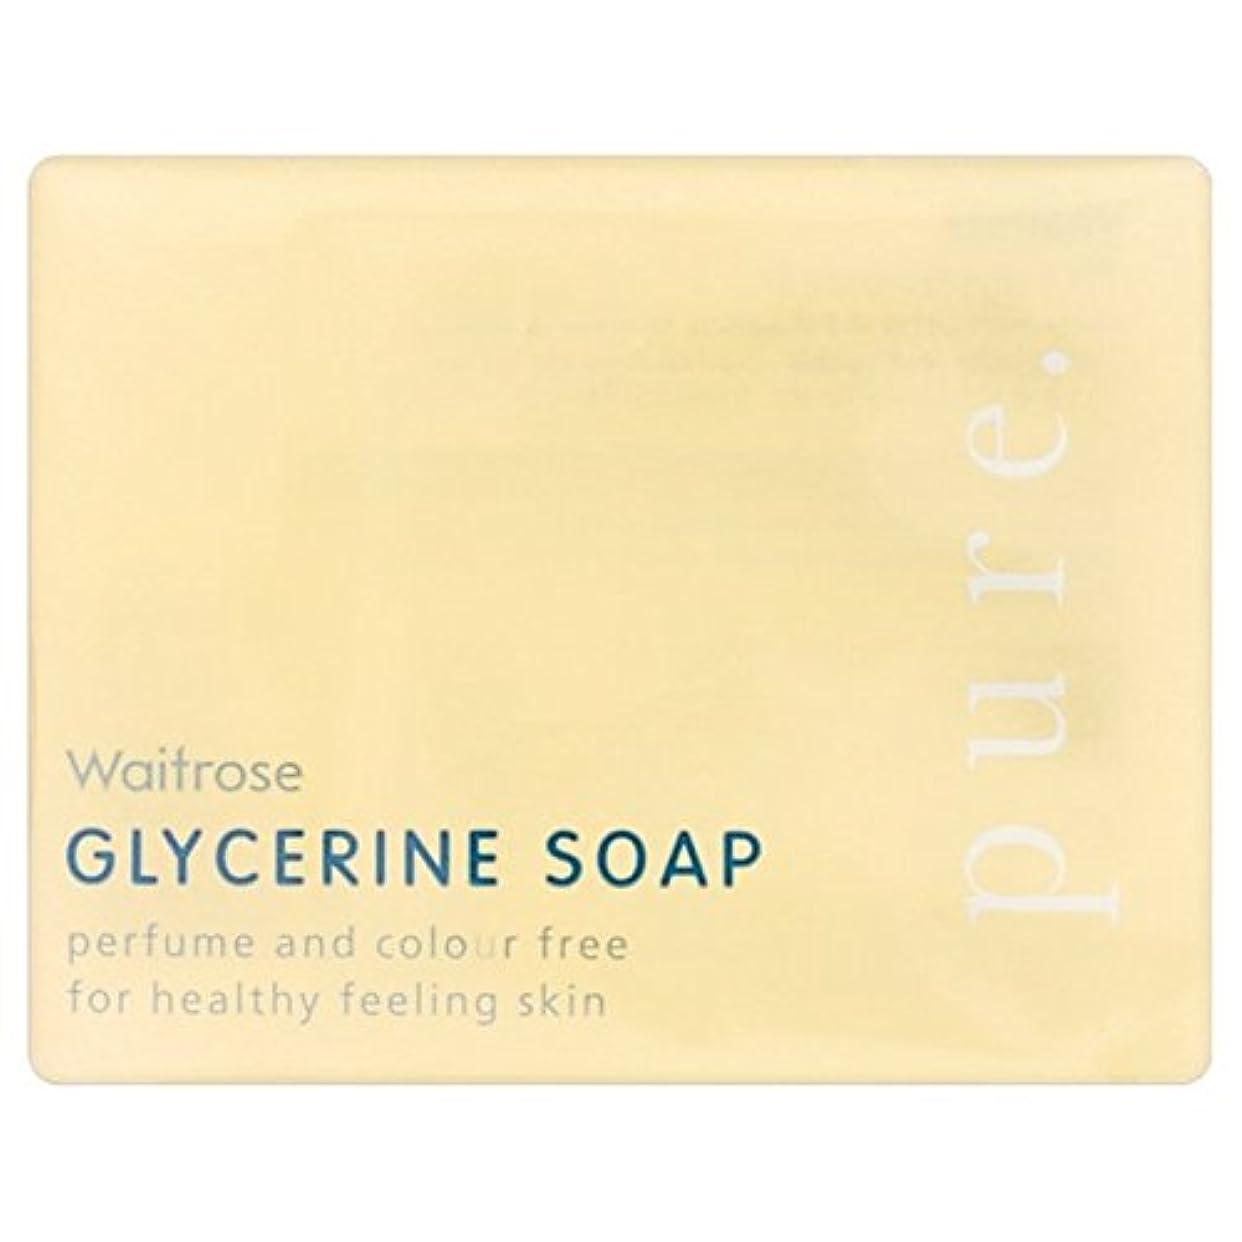 速度立場維持するPure Glycerine Soap Waitrose 100g - 純粋なグリセリンソープウェイトローズの100グラム [並行輸入品]